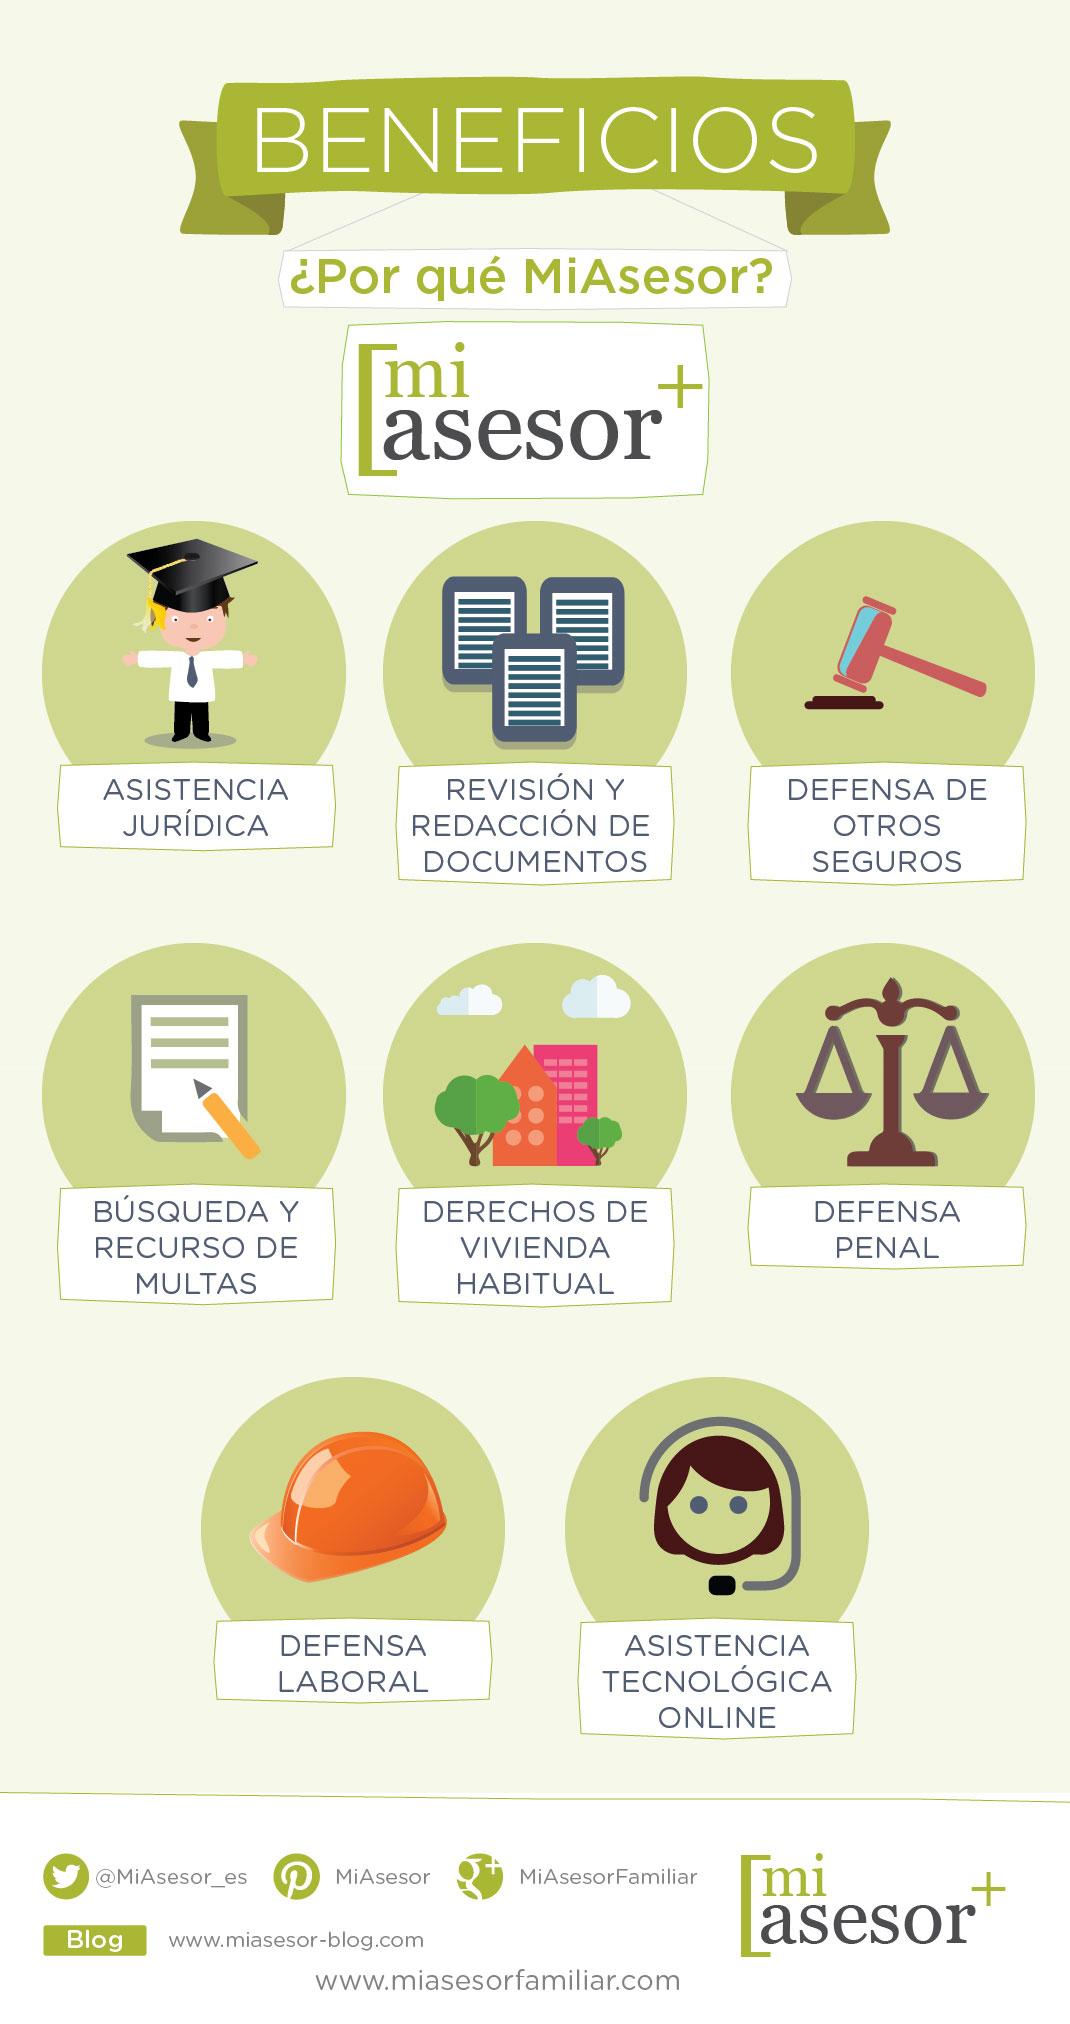 Beneficios de MiAsesor - infografía